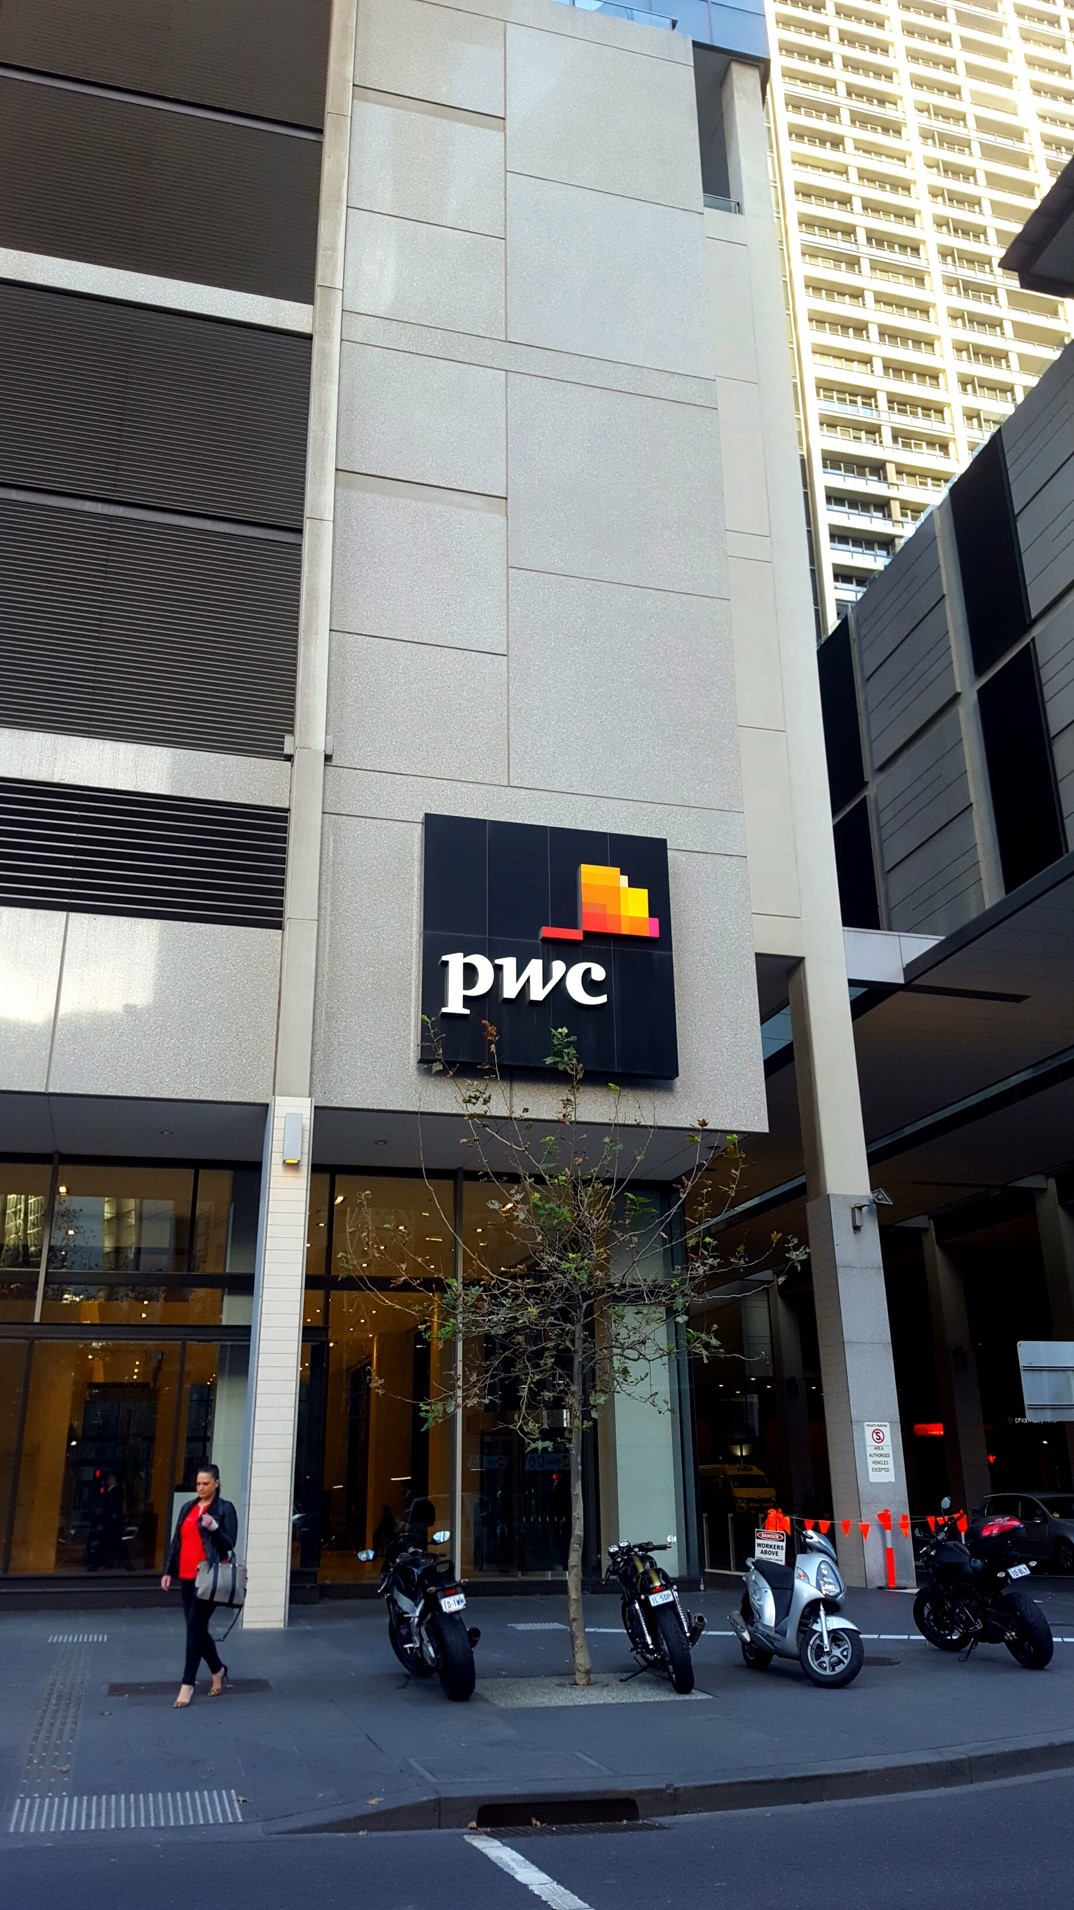 PwC Melbourne, Australia